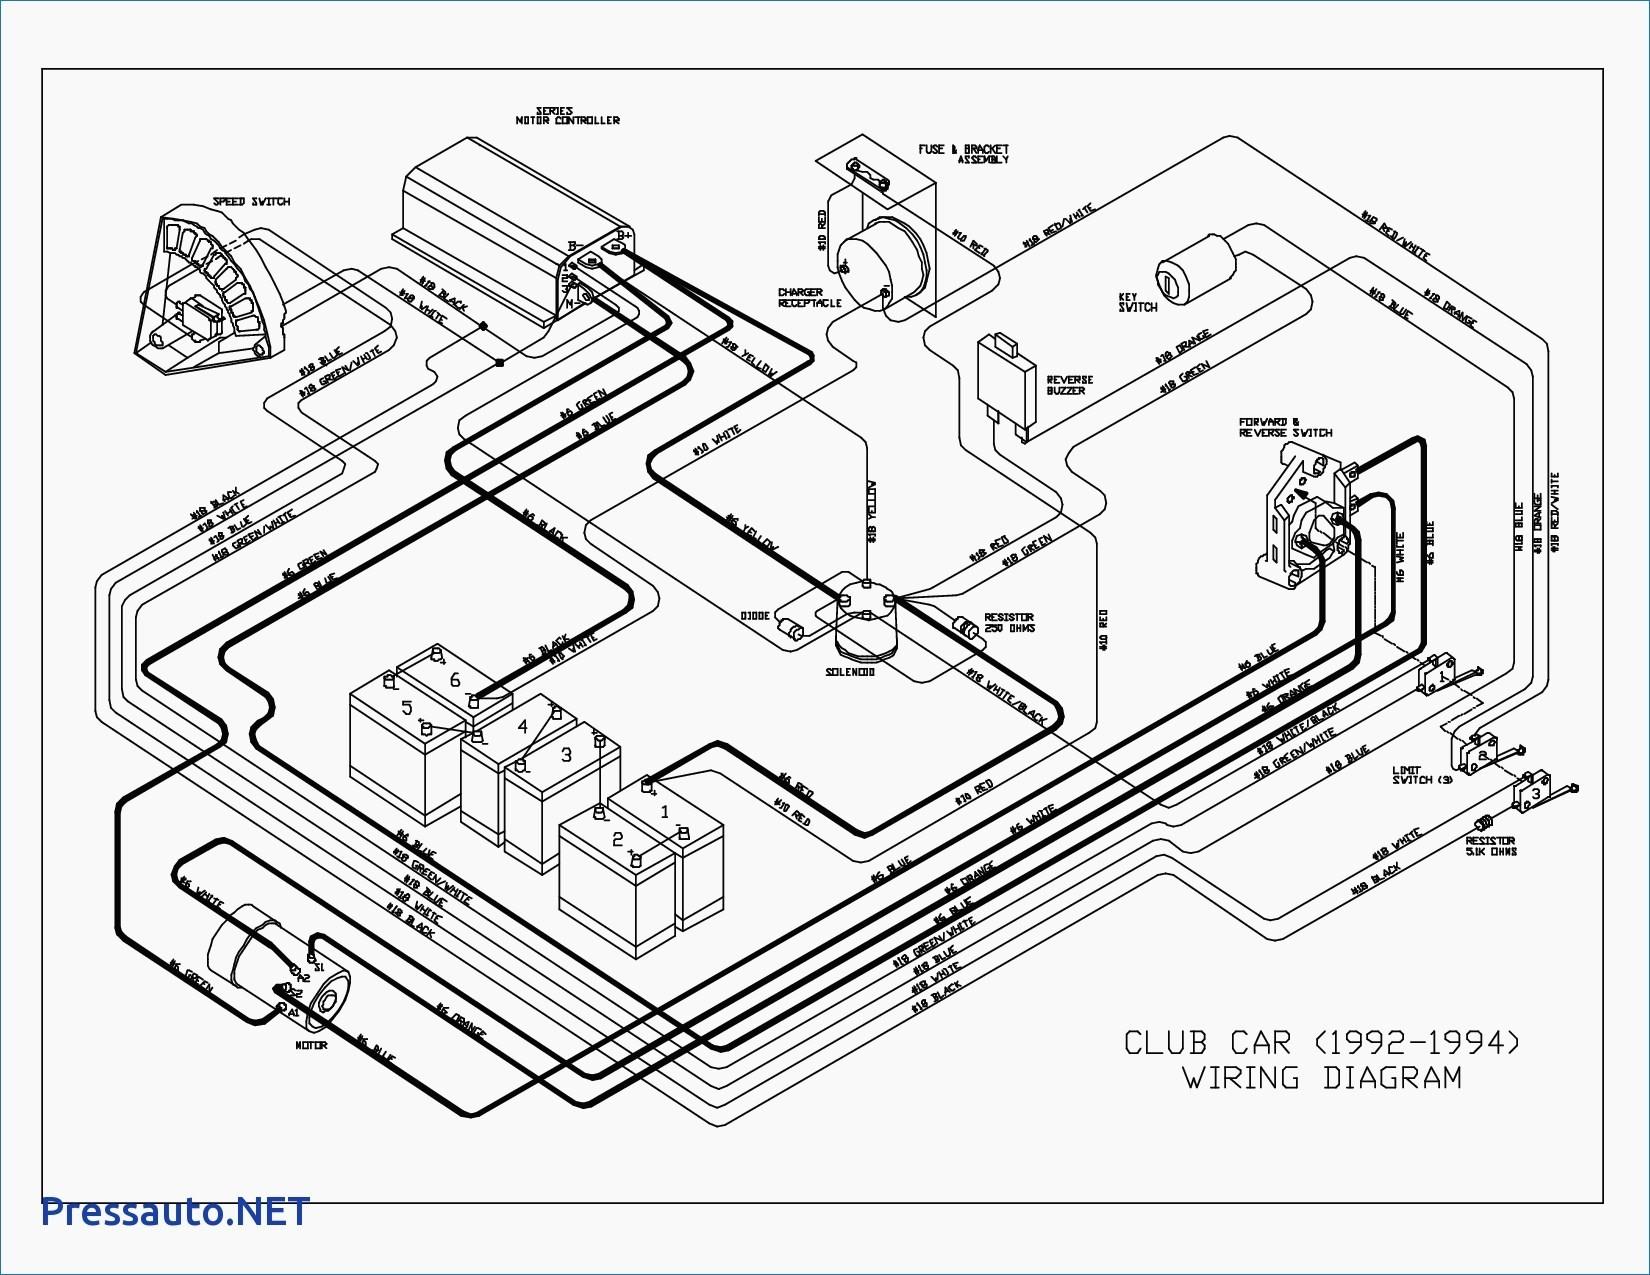 Club Car Electric Golf Cart Wiring Diagram Wiring Diagram Club Car 48 Volt  with Golf Cart